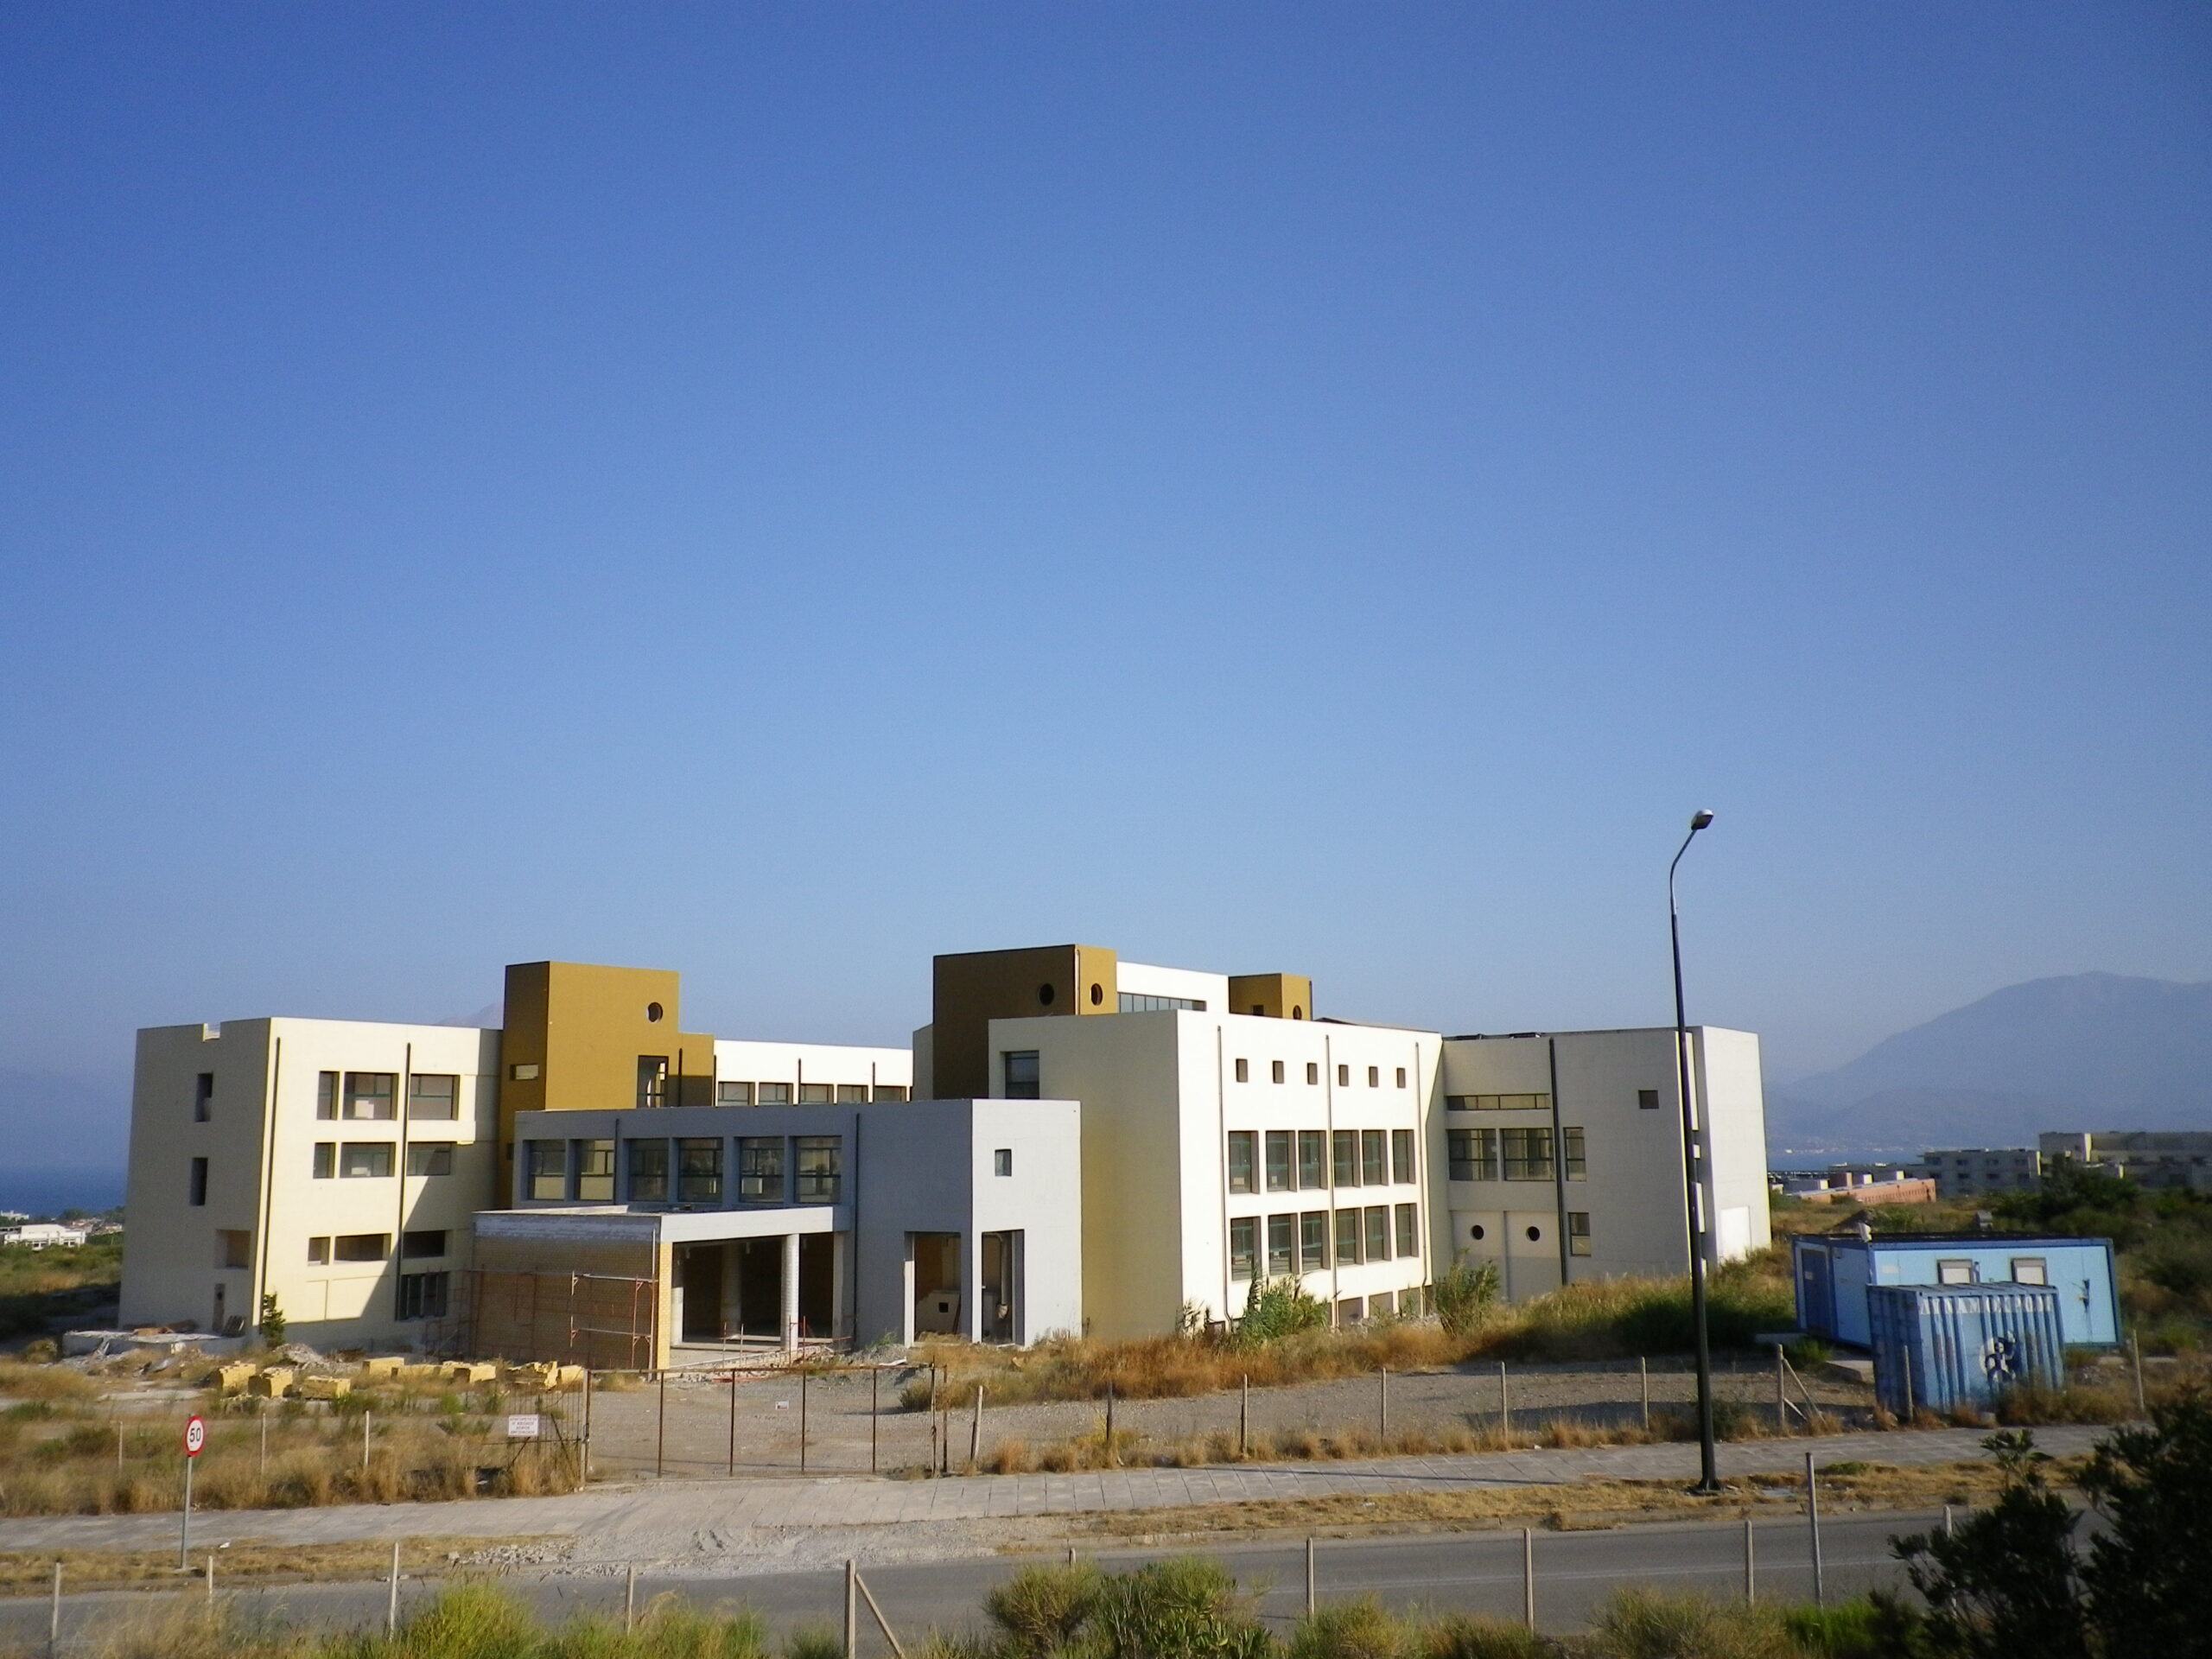 Βιομηχανικα Δαπεδα Πανεπιστημιο ΠΑτρων Κτιριο Μηχανικων Υπολογιστων